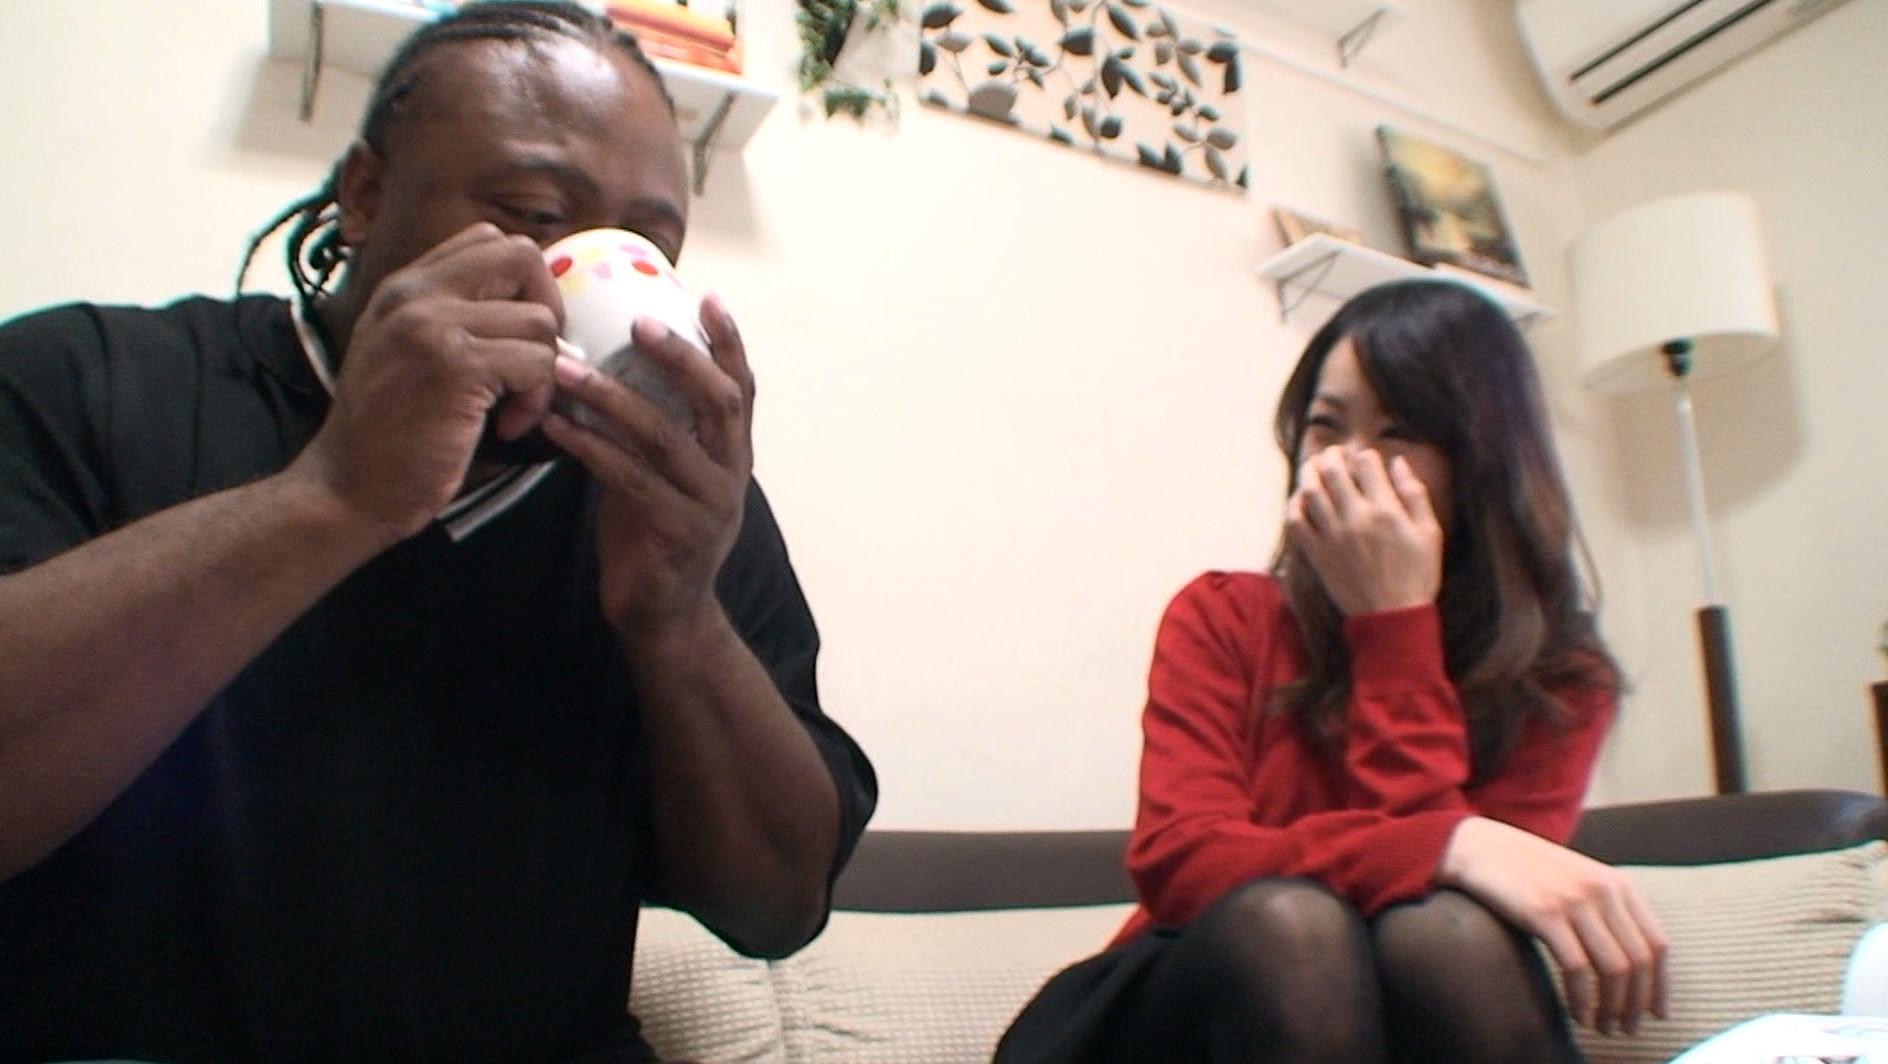 デカマラ黒人英会話講師ボビーのハメハメ個人レッスン「若くてかわいい日本ガールズとFUCKしたい!」2